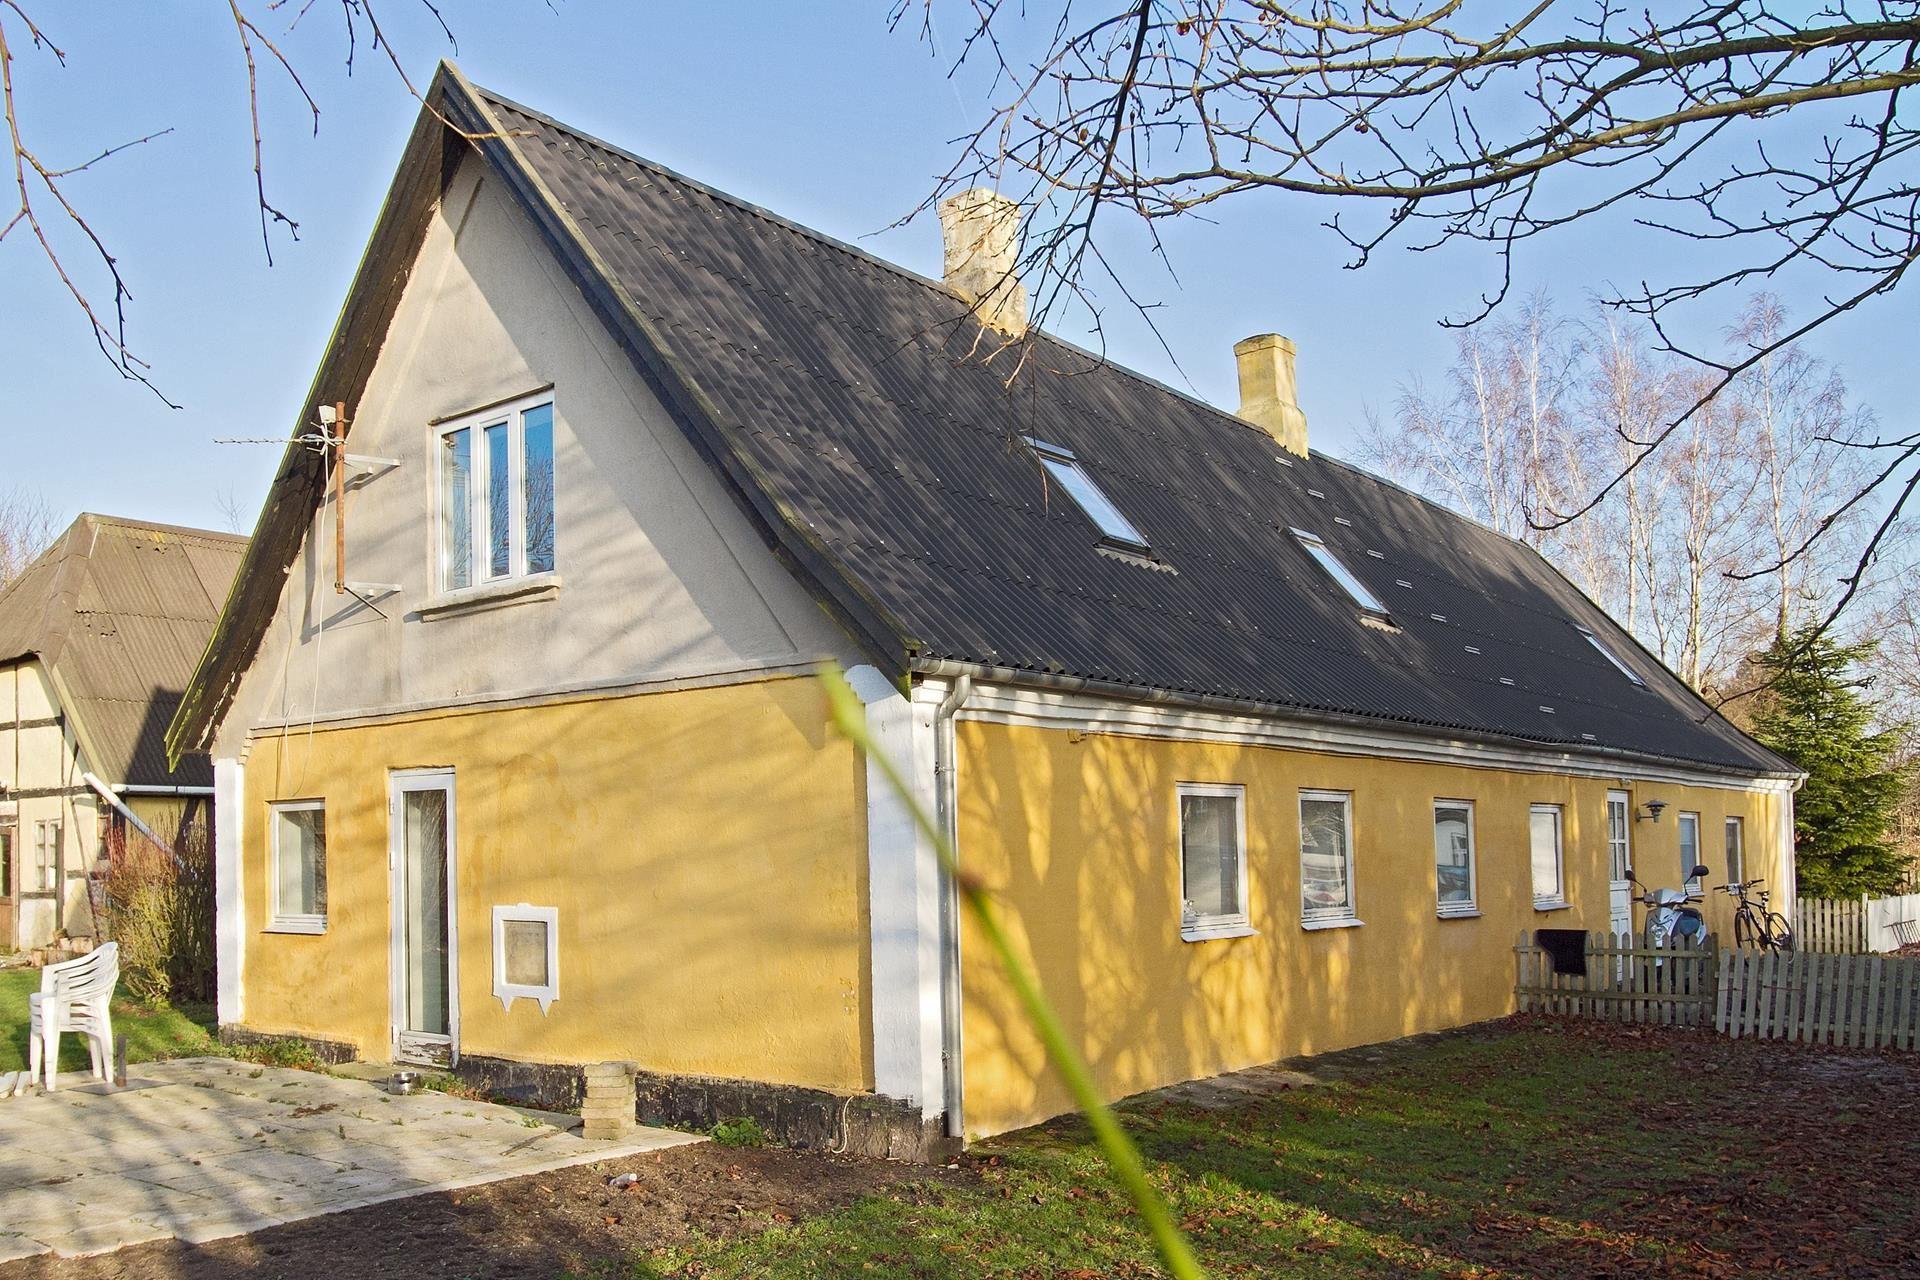 Dalbakkevej 28, 4894 Øster Ulslev